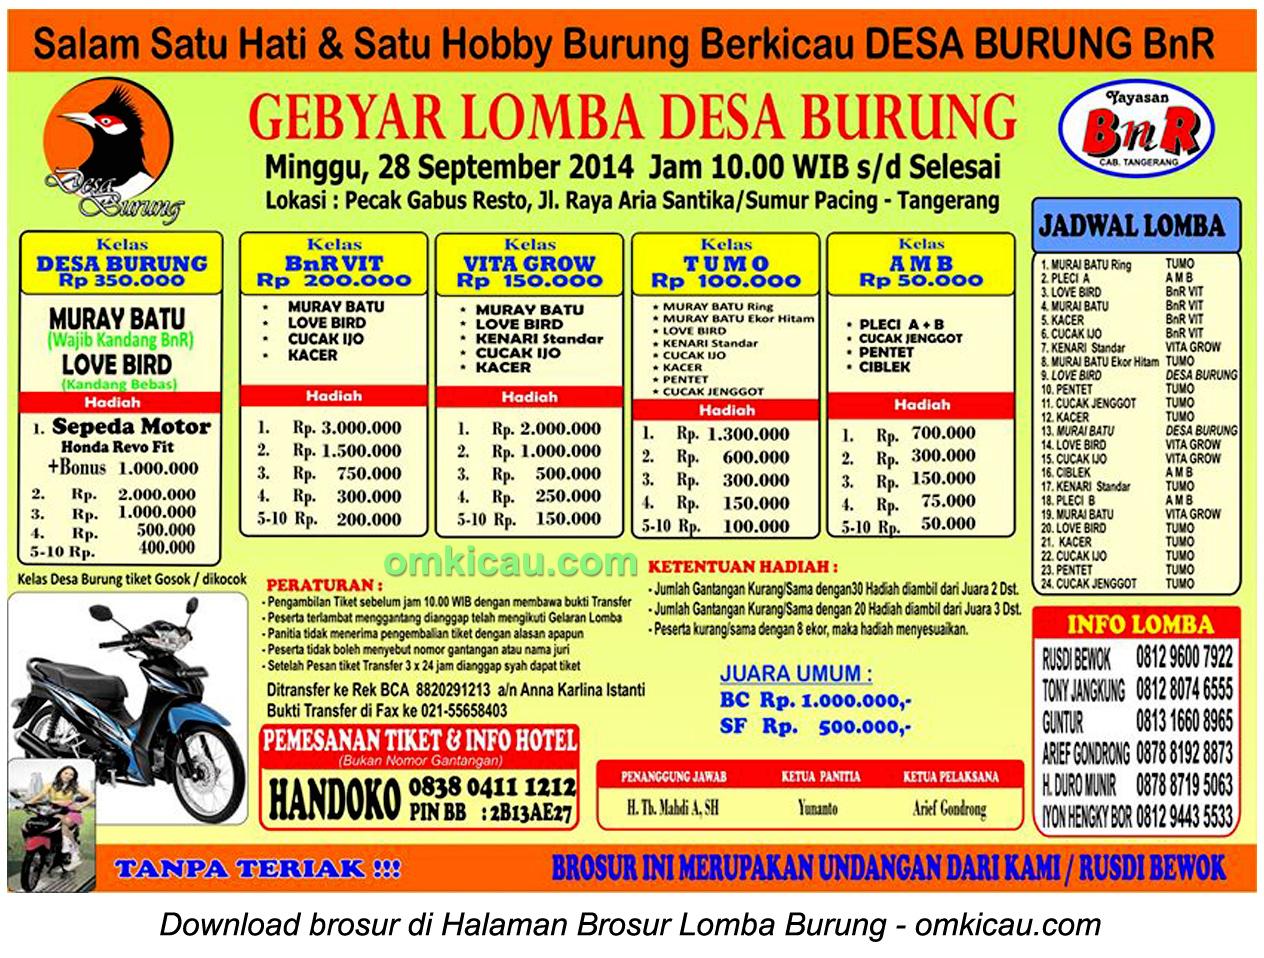 Brosur Lomba Burung Gebyar Lomba Desa Burung, Tangerang, 28 September 2014